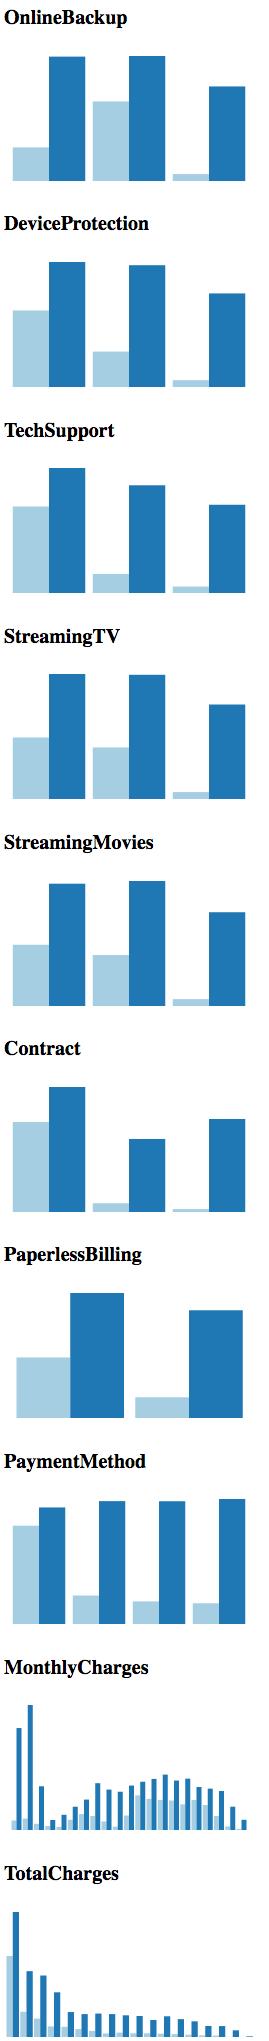 grouped-bar-chart-1b